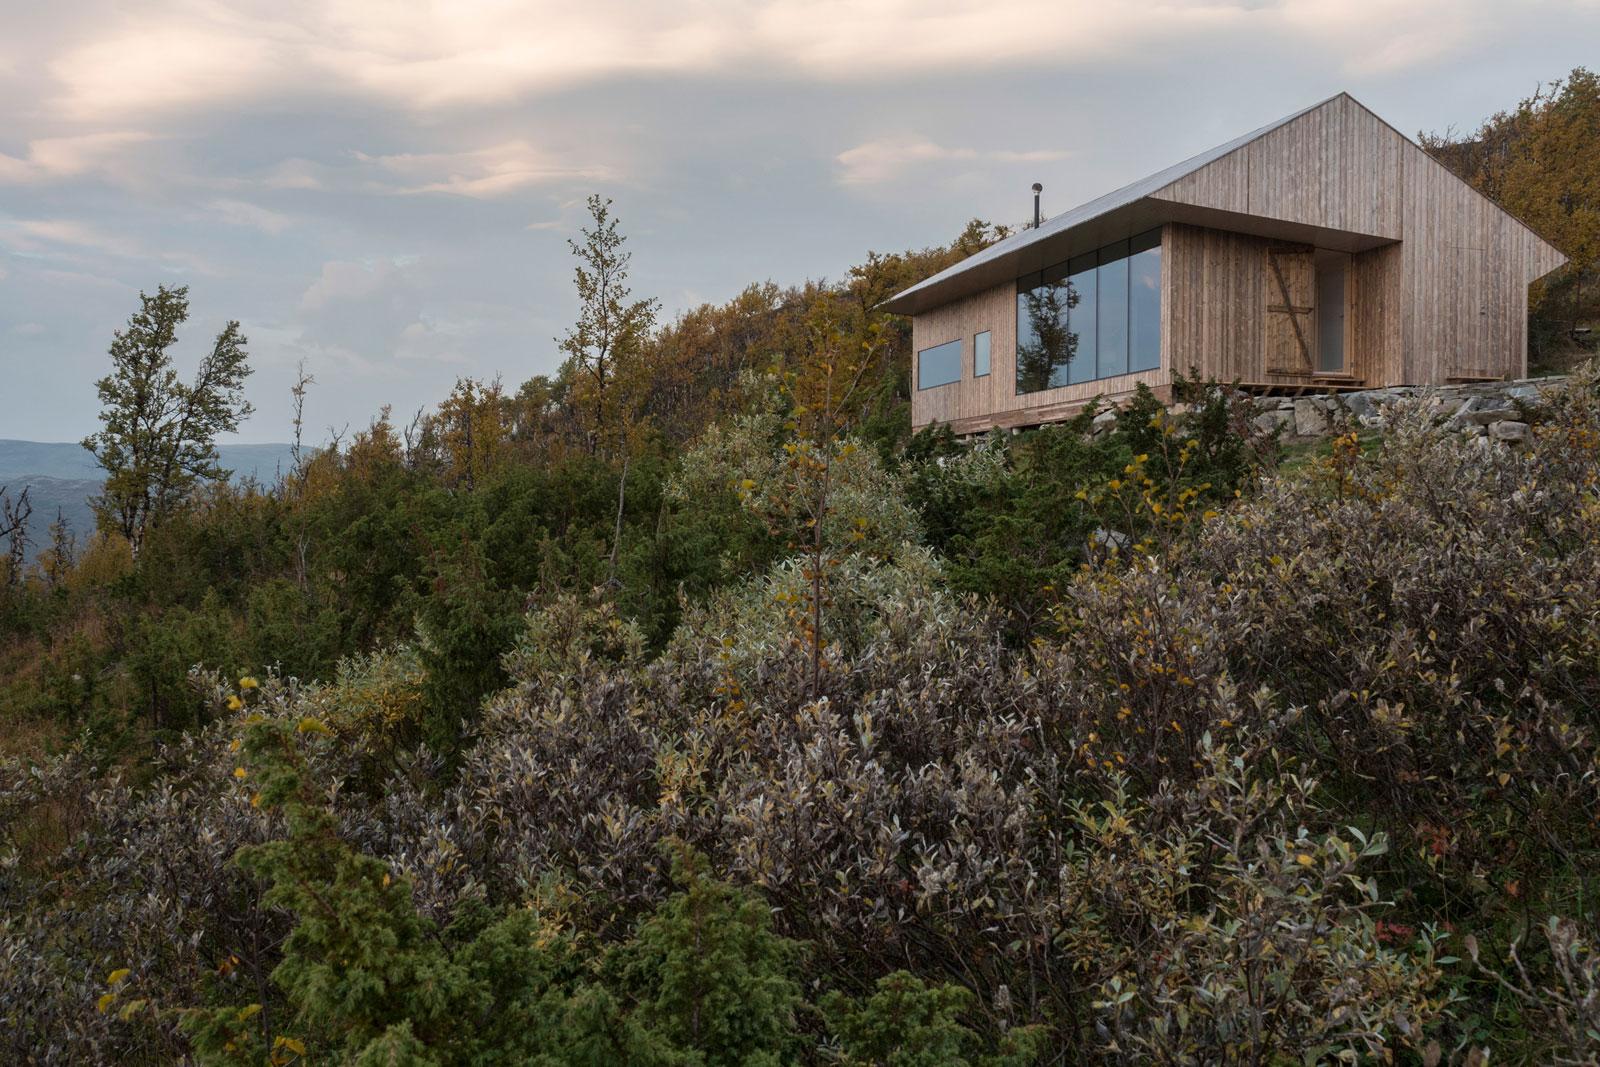 cabin-jon-danielsen-aarhus-architecture-residential-norway_dezeen_2364_col_26